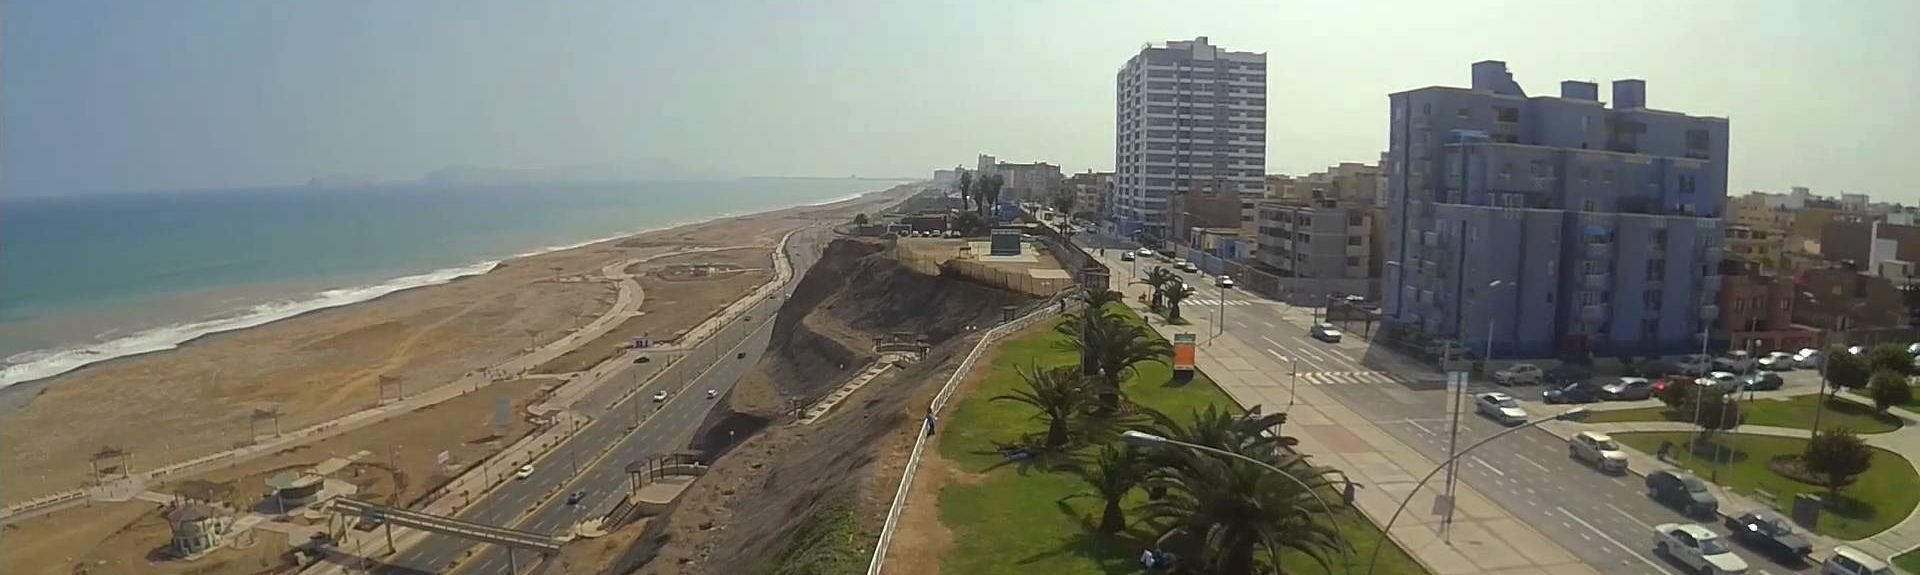 Région de Lima, Pérou